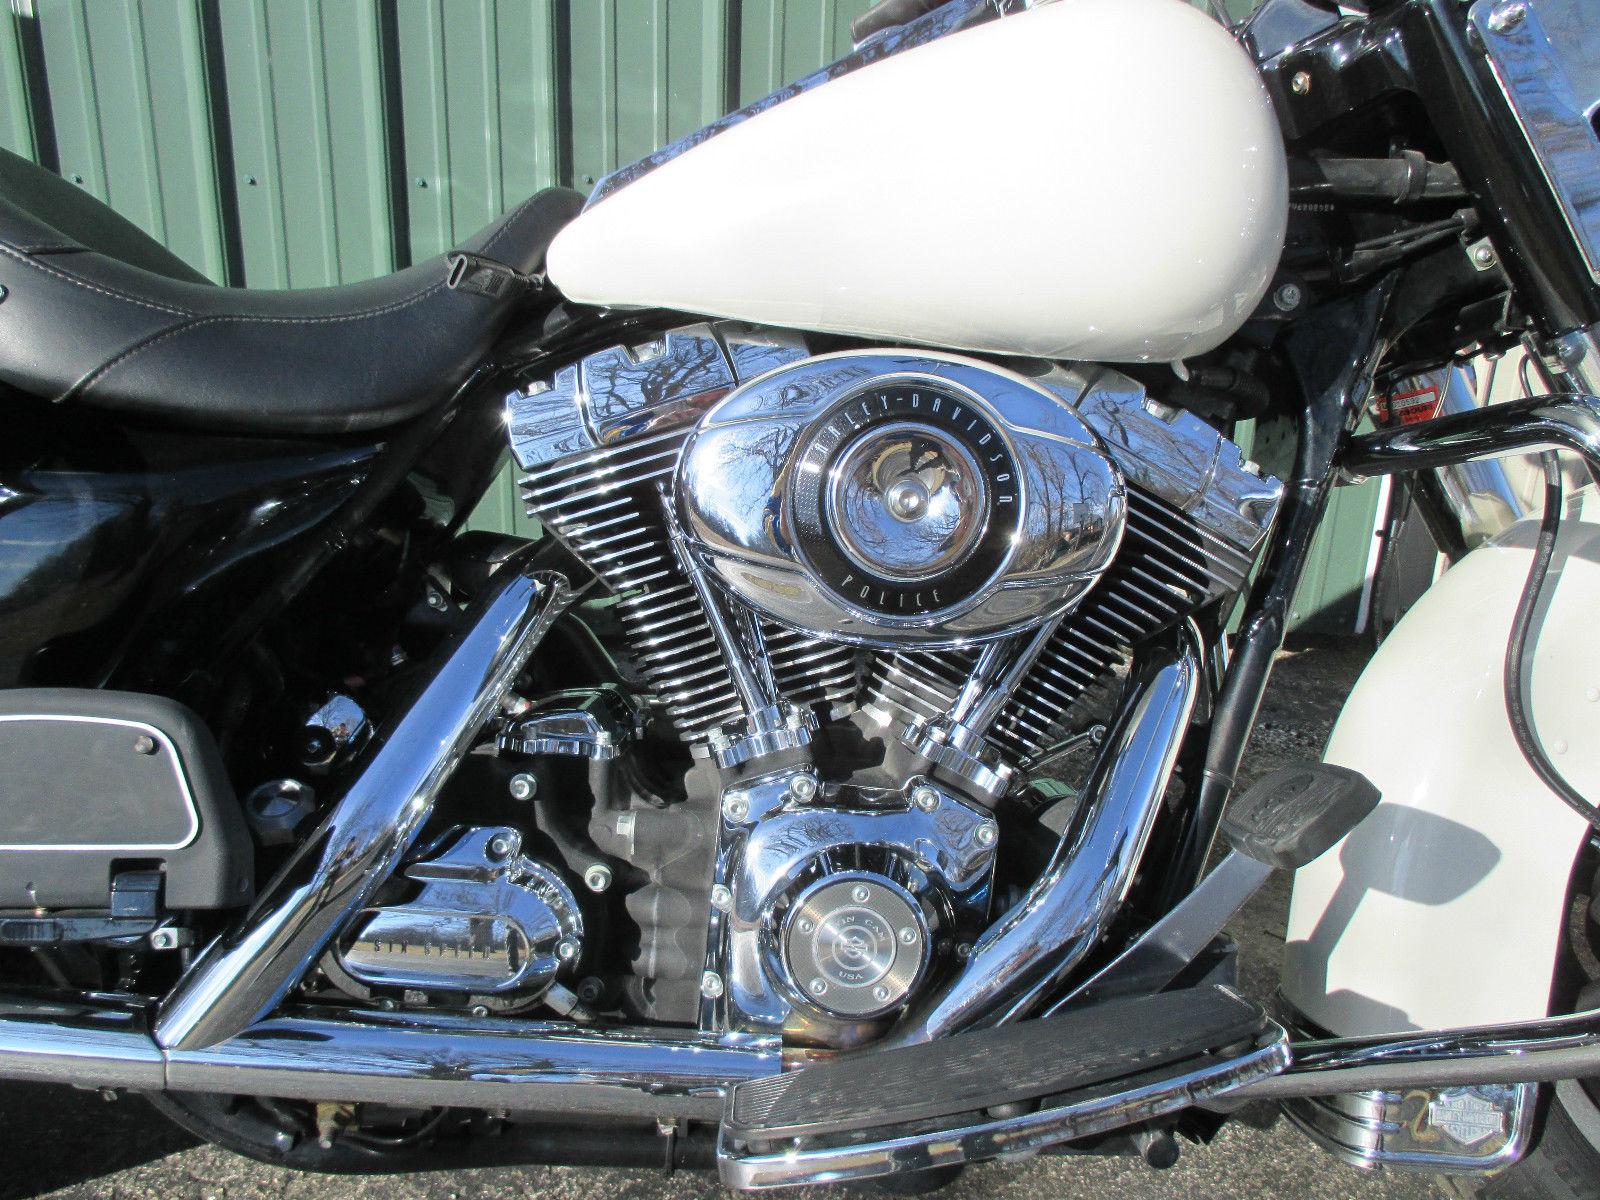 2007 Harley-Davidson FLHP Road King 103 cid Motor